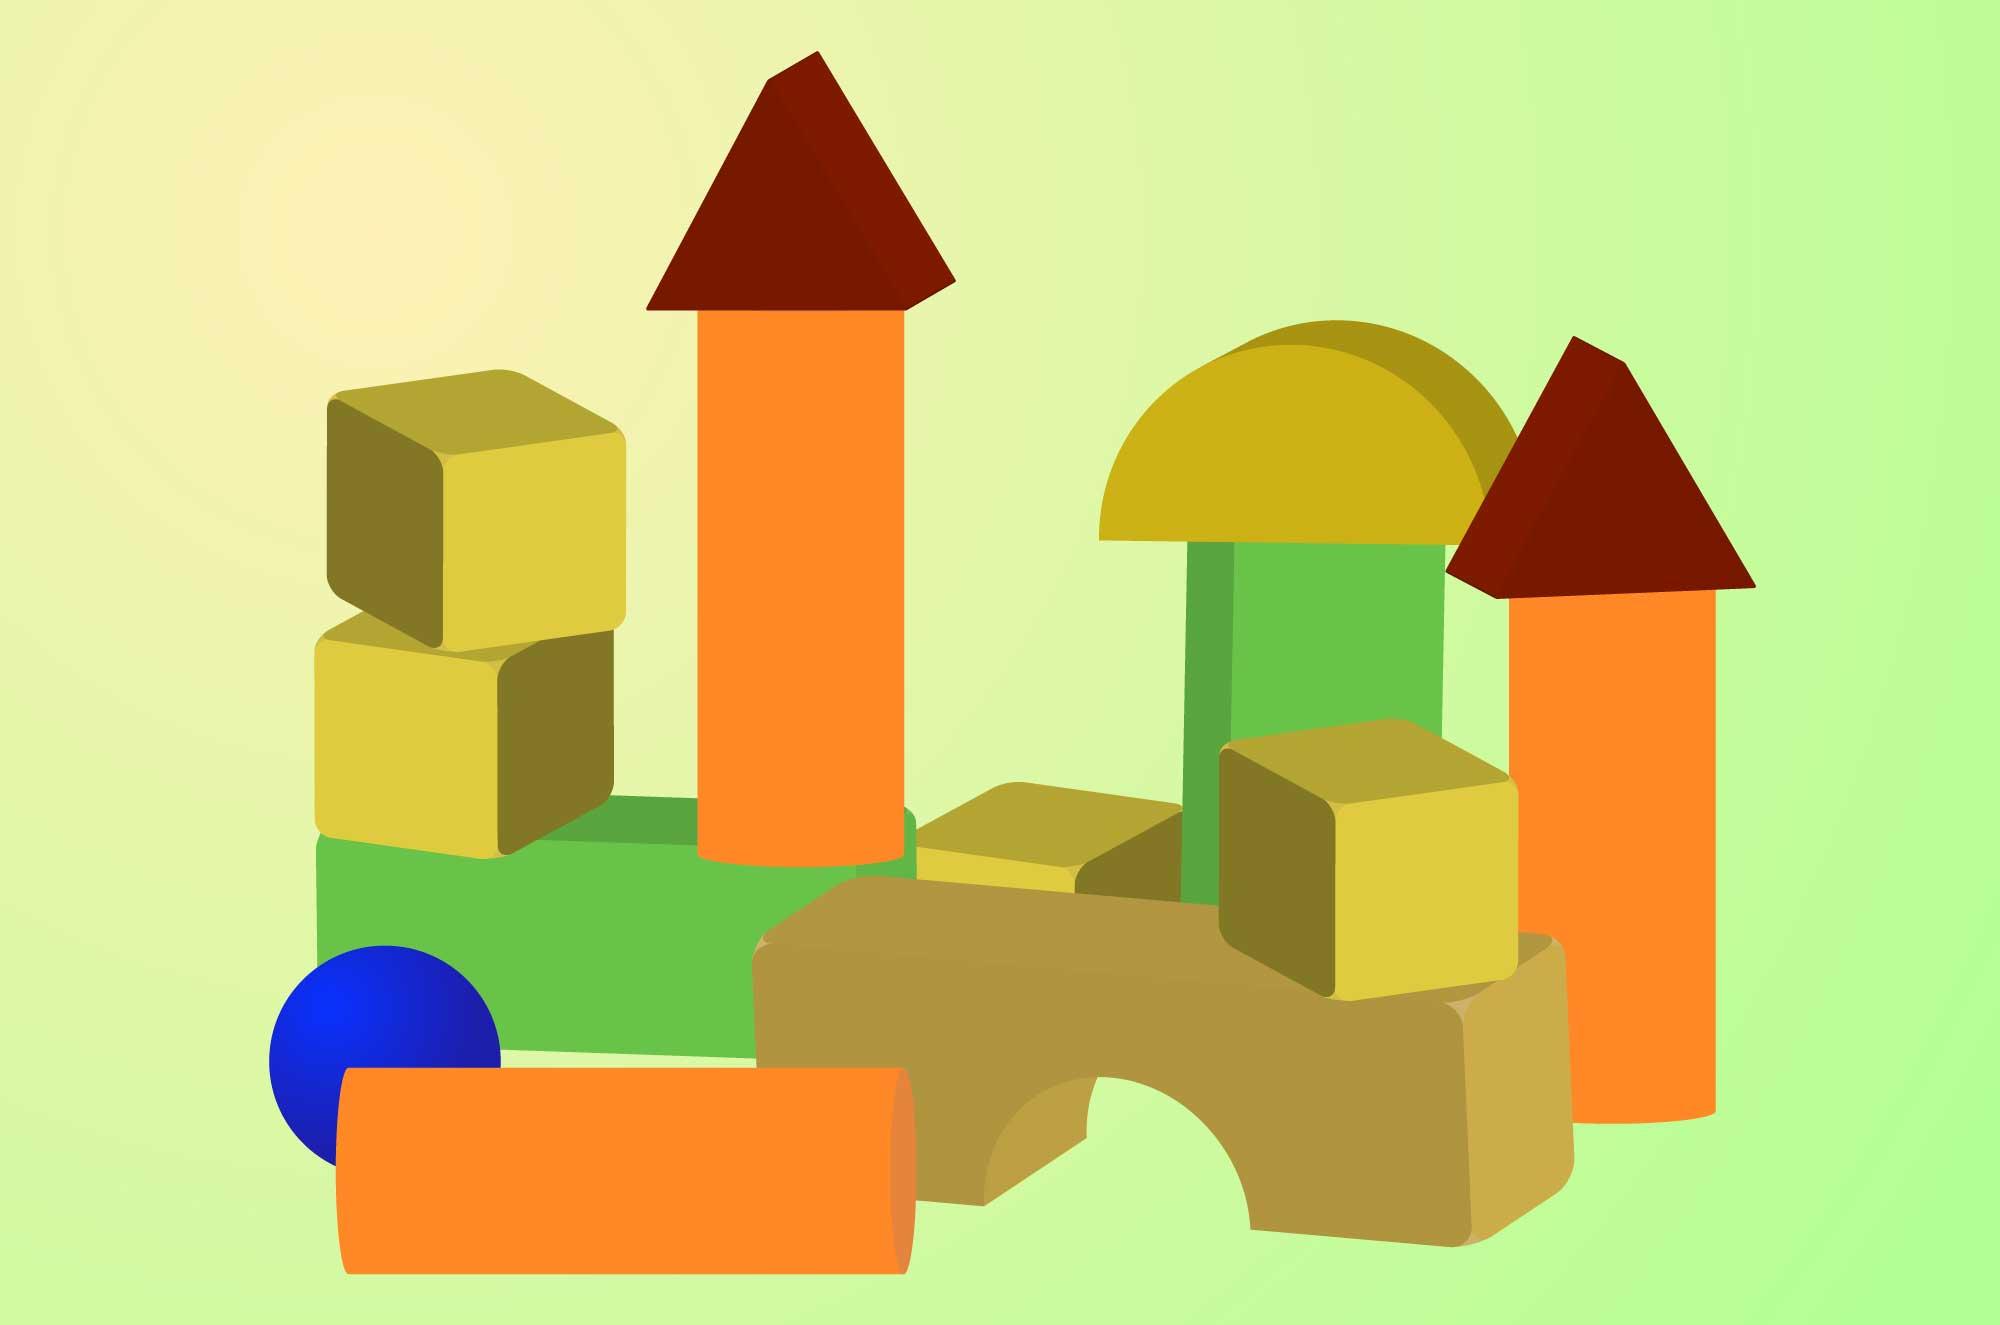 積み木のイラスト - 子供のおもちゃのフリー素材